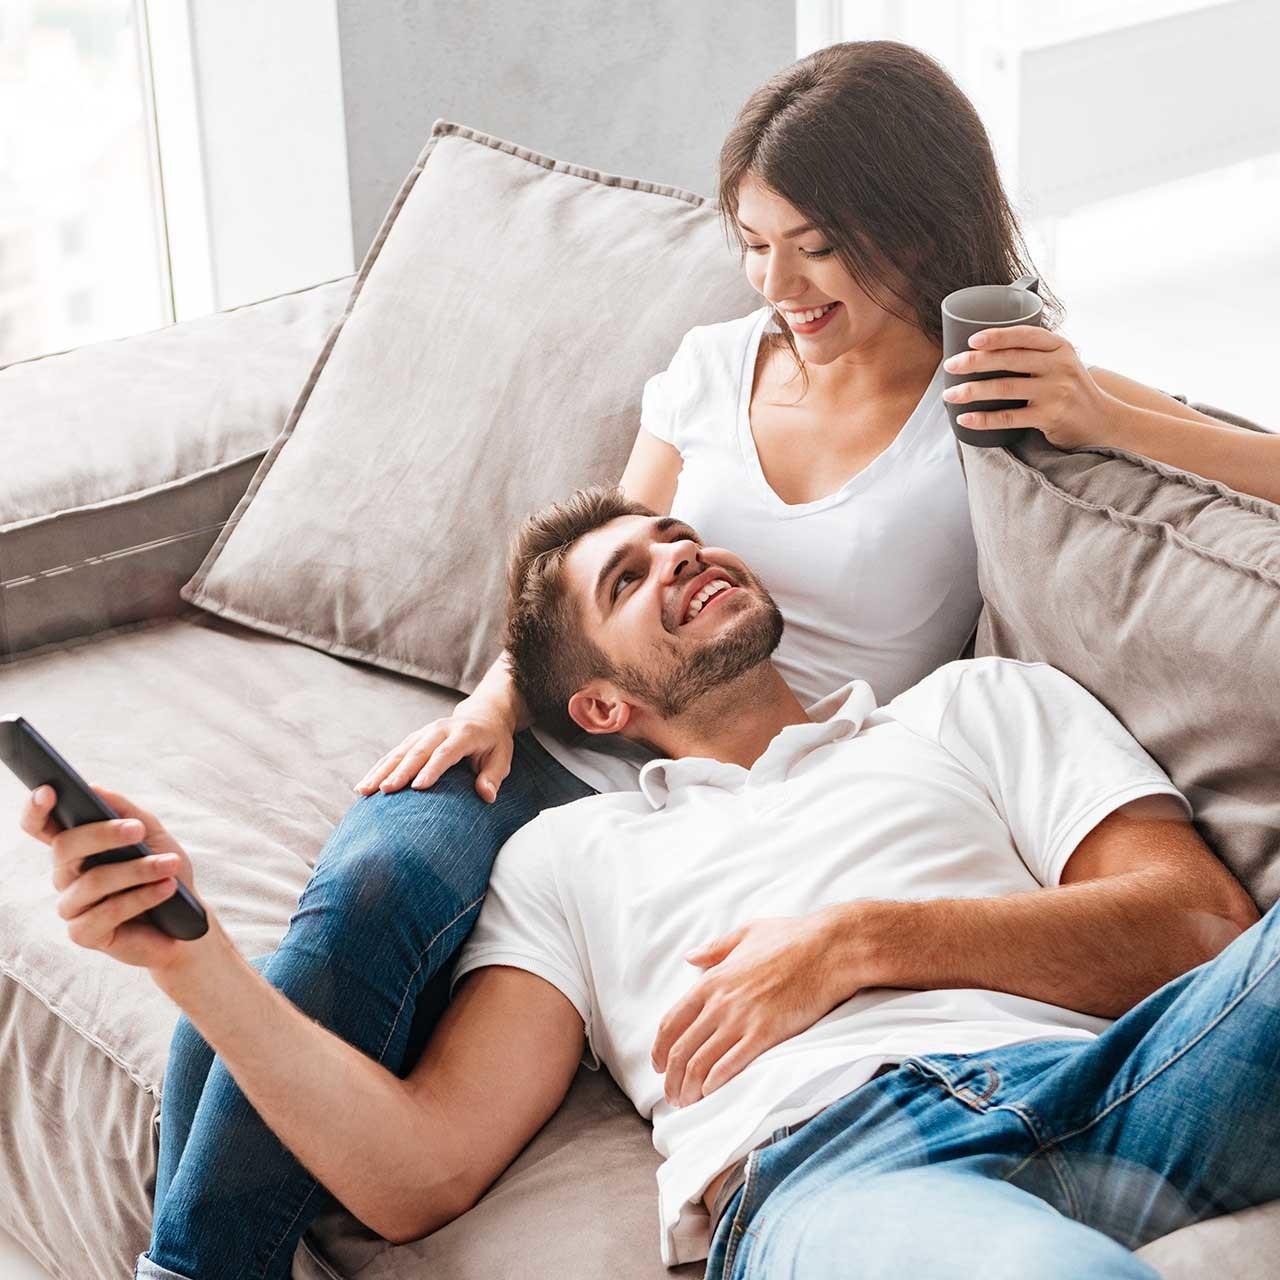 いま付き合うなら歳の差いくつまで?歳の差恋愛のメリットとデメリットを調査!_1_1